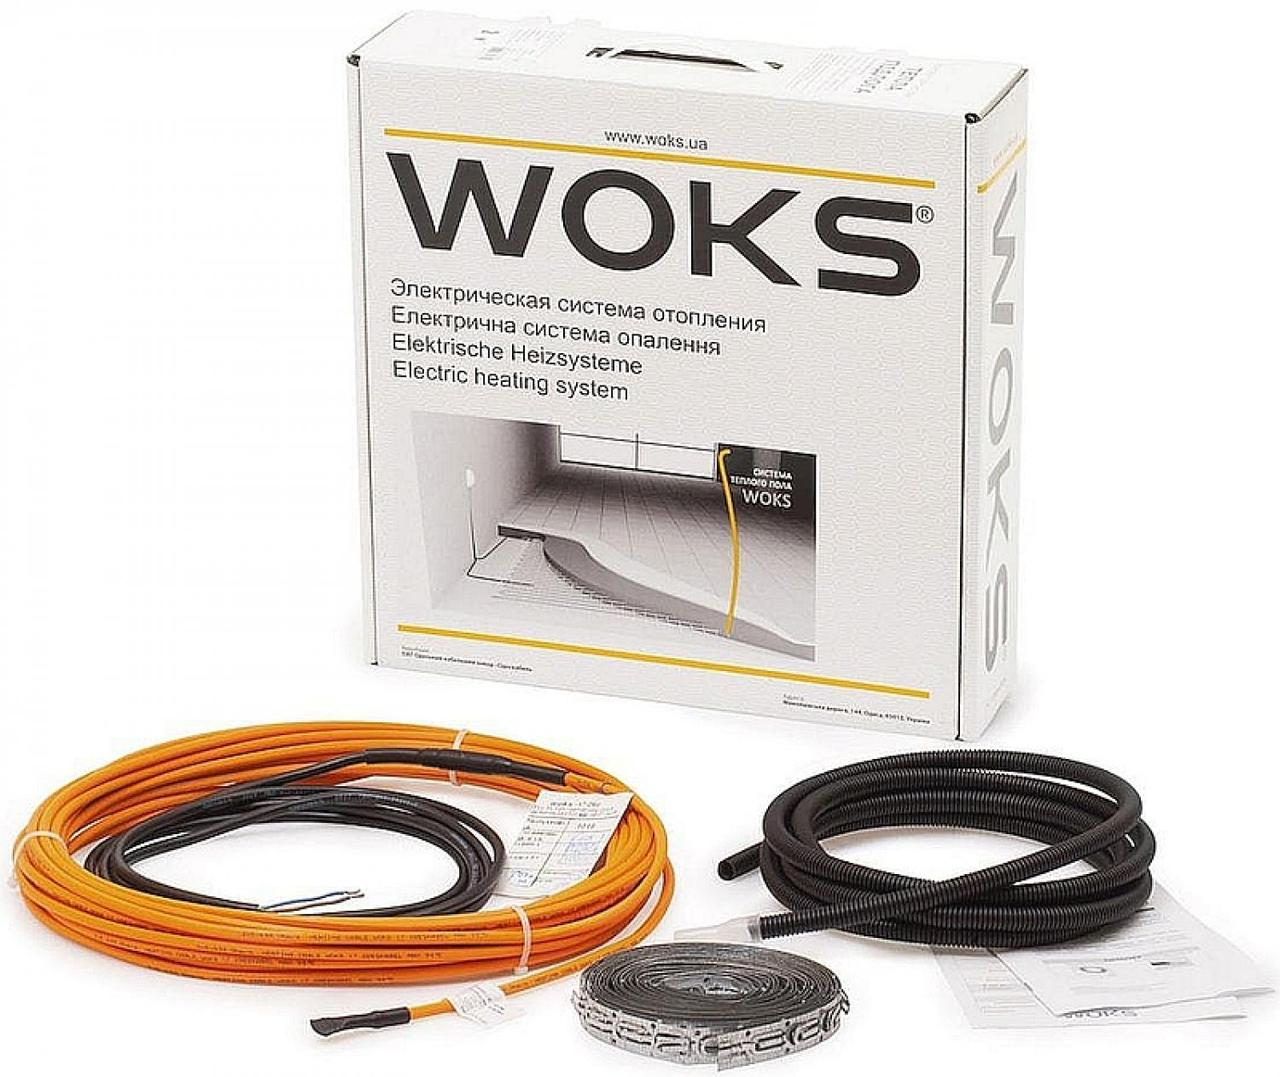 Теплый пол Woks 17 двухжильный кабель 2000 Вт 123 м 212000, КОД: 146160